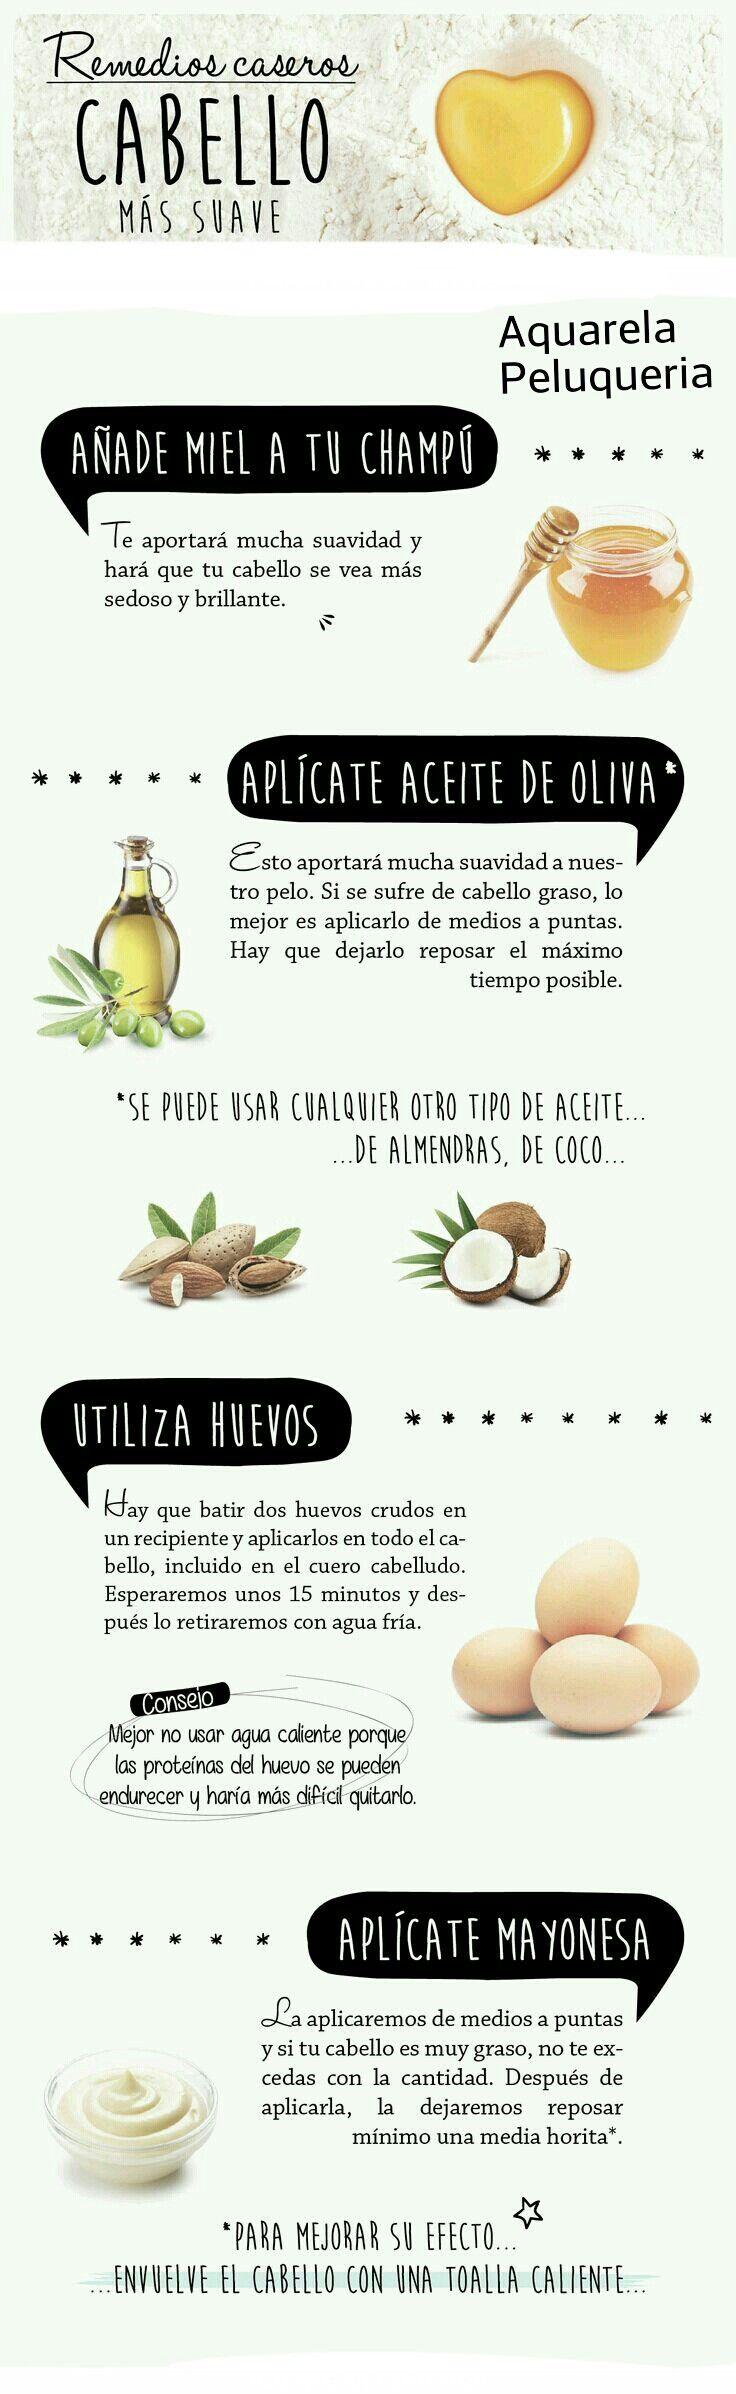 #Remedios #Cabello